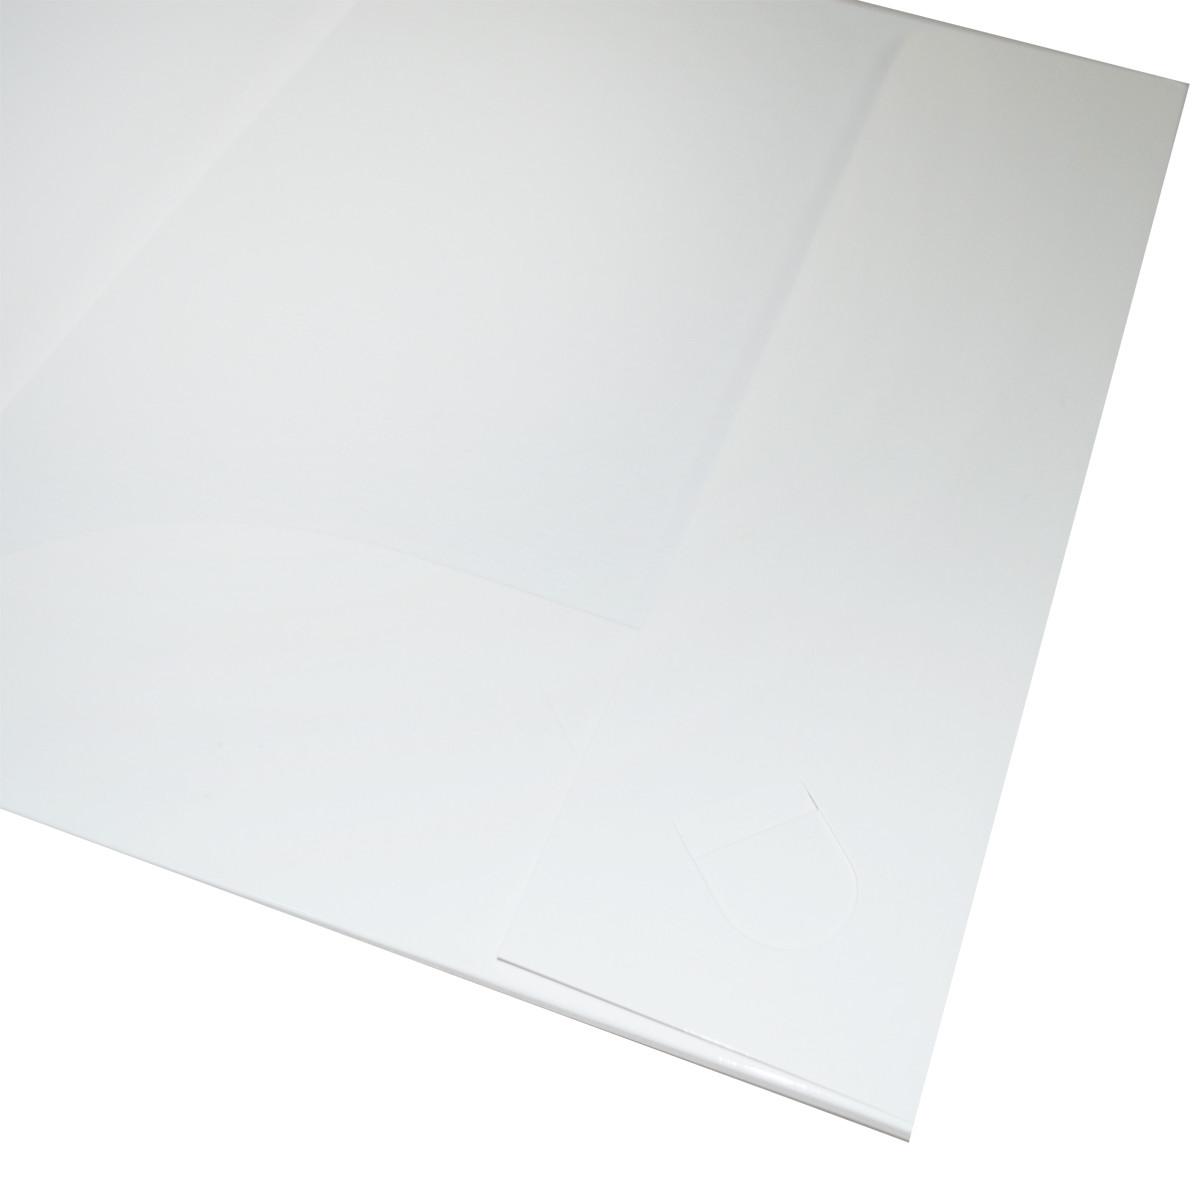 """Набор аквар бумаги SANTI """"Floristics"""", А4, """"Paper Watercolor Collection"""", 18 л., 200г/м2 - фото 2"""